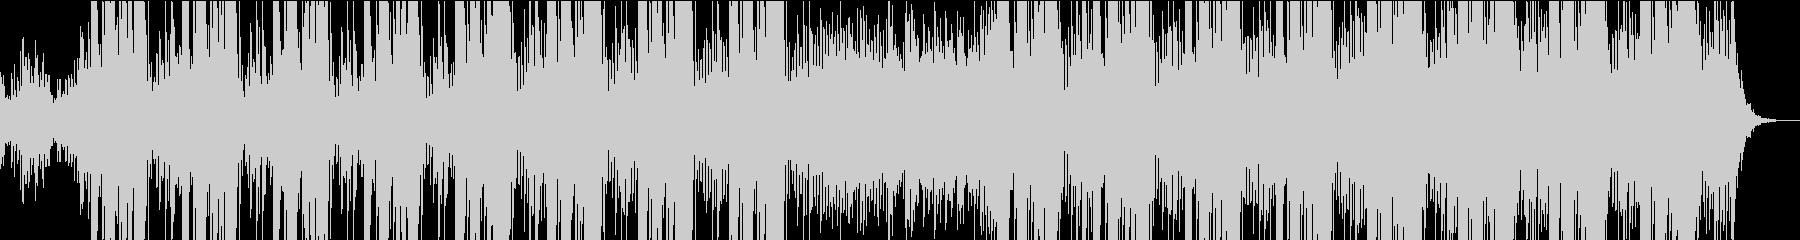 エレクトロ 交響曲 トラップ ヒッ...の未再生の波形